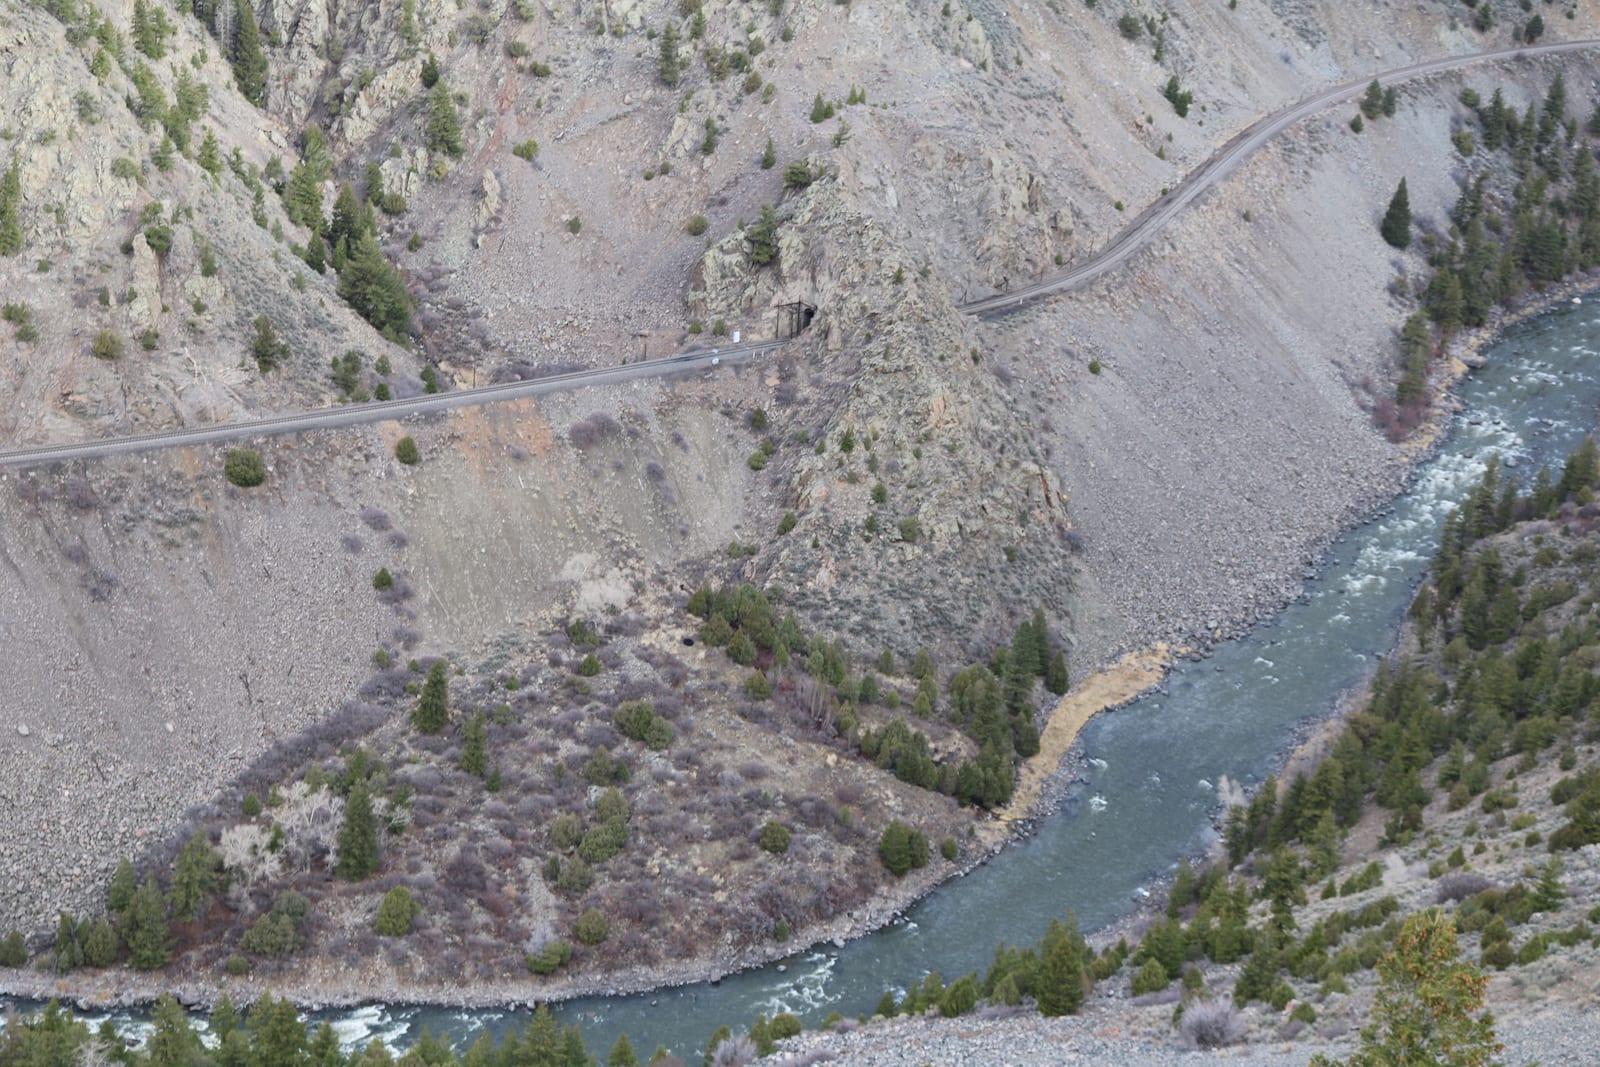 Colorado River and Highway 40 through Gore Canyon Colorado